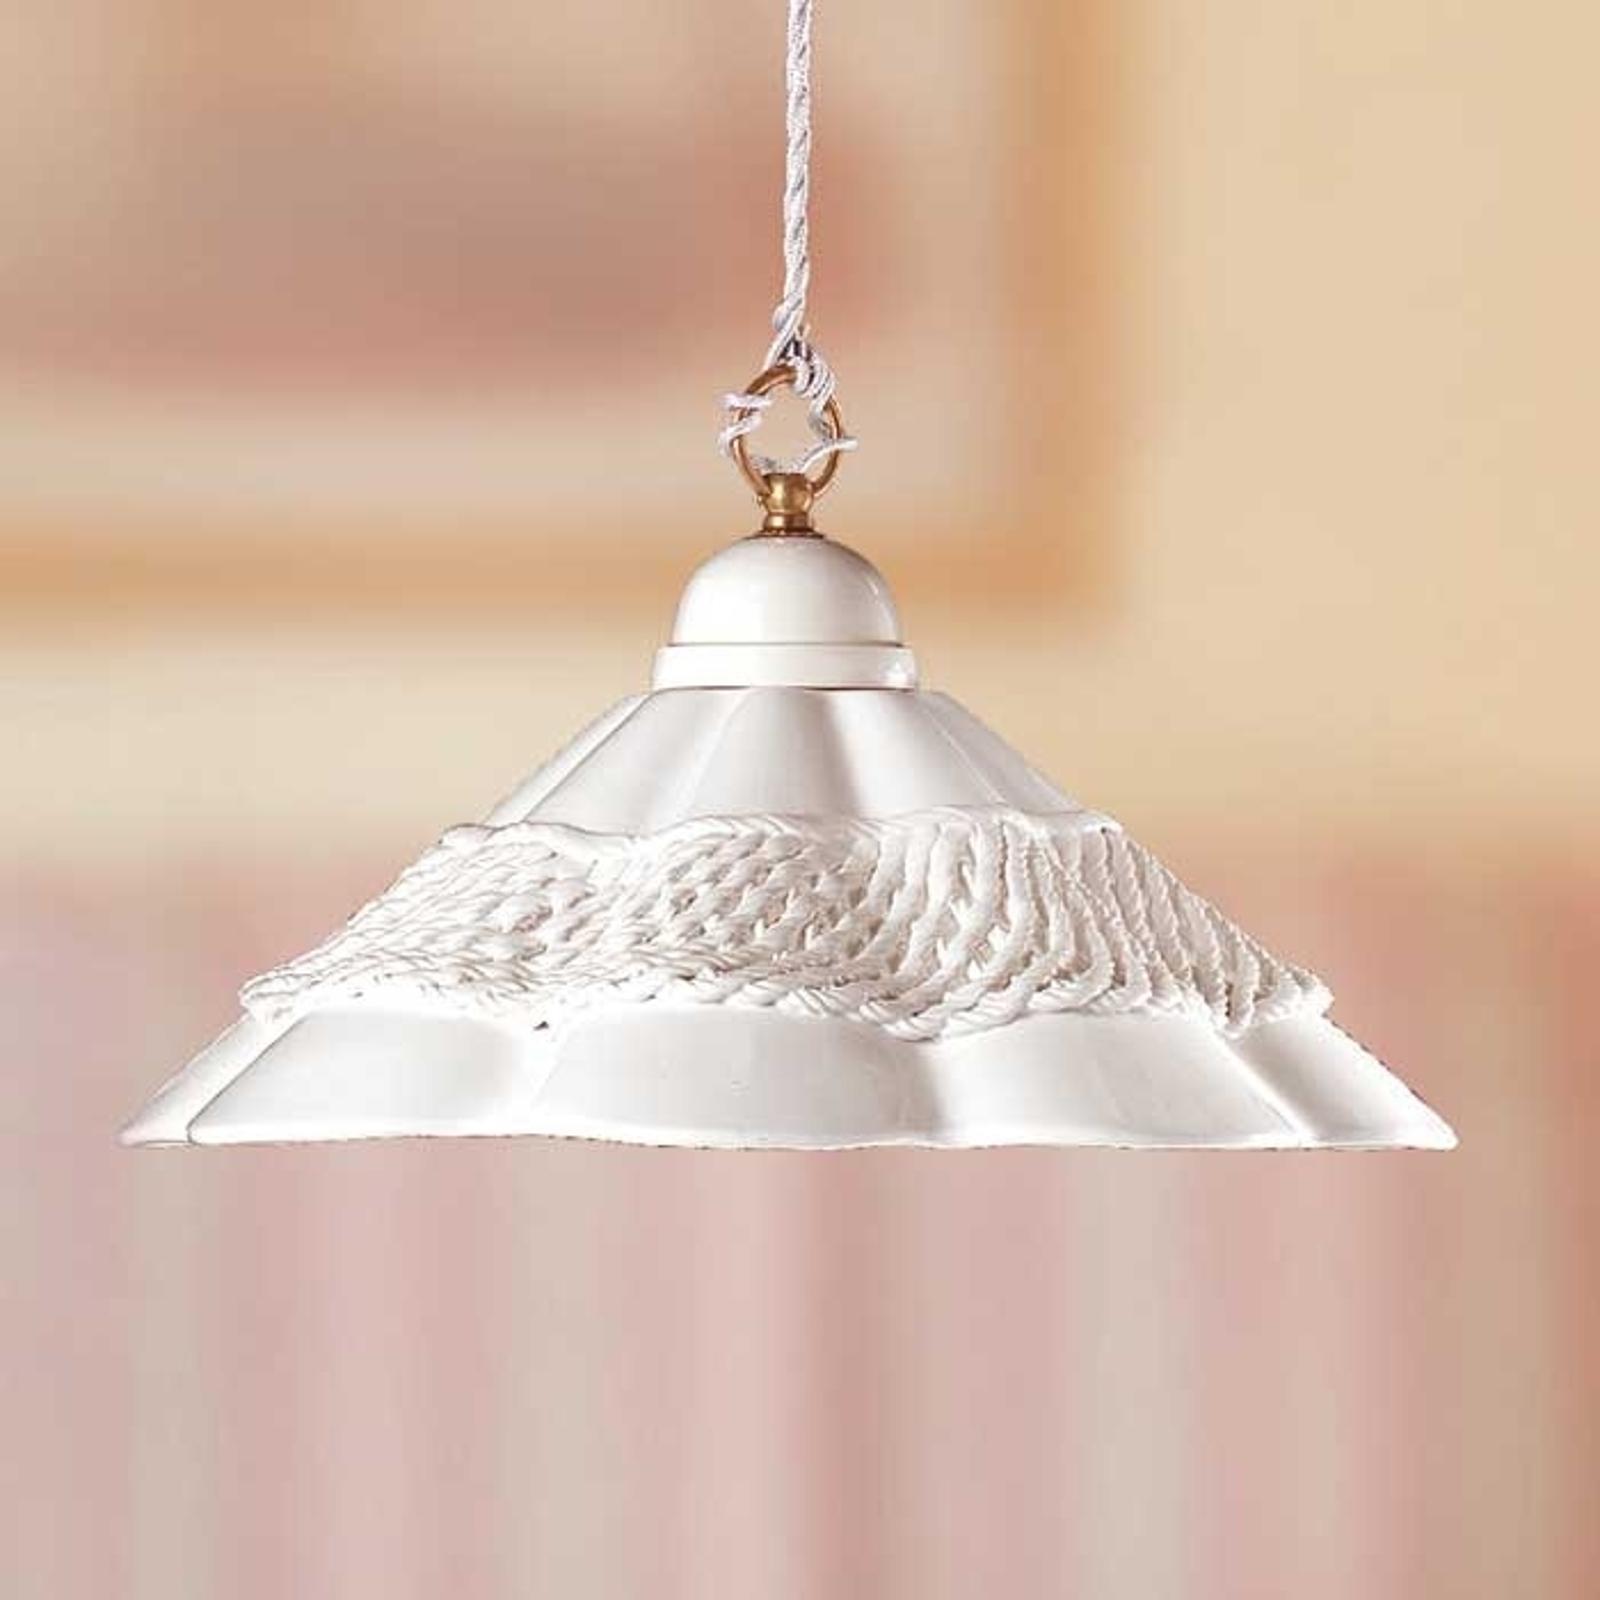 Závěsné světlo Gonnella, dekorace střed